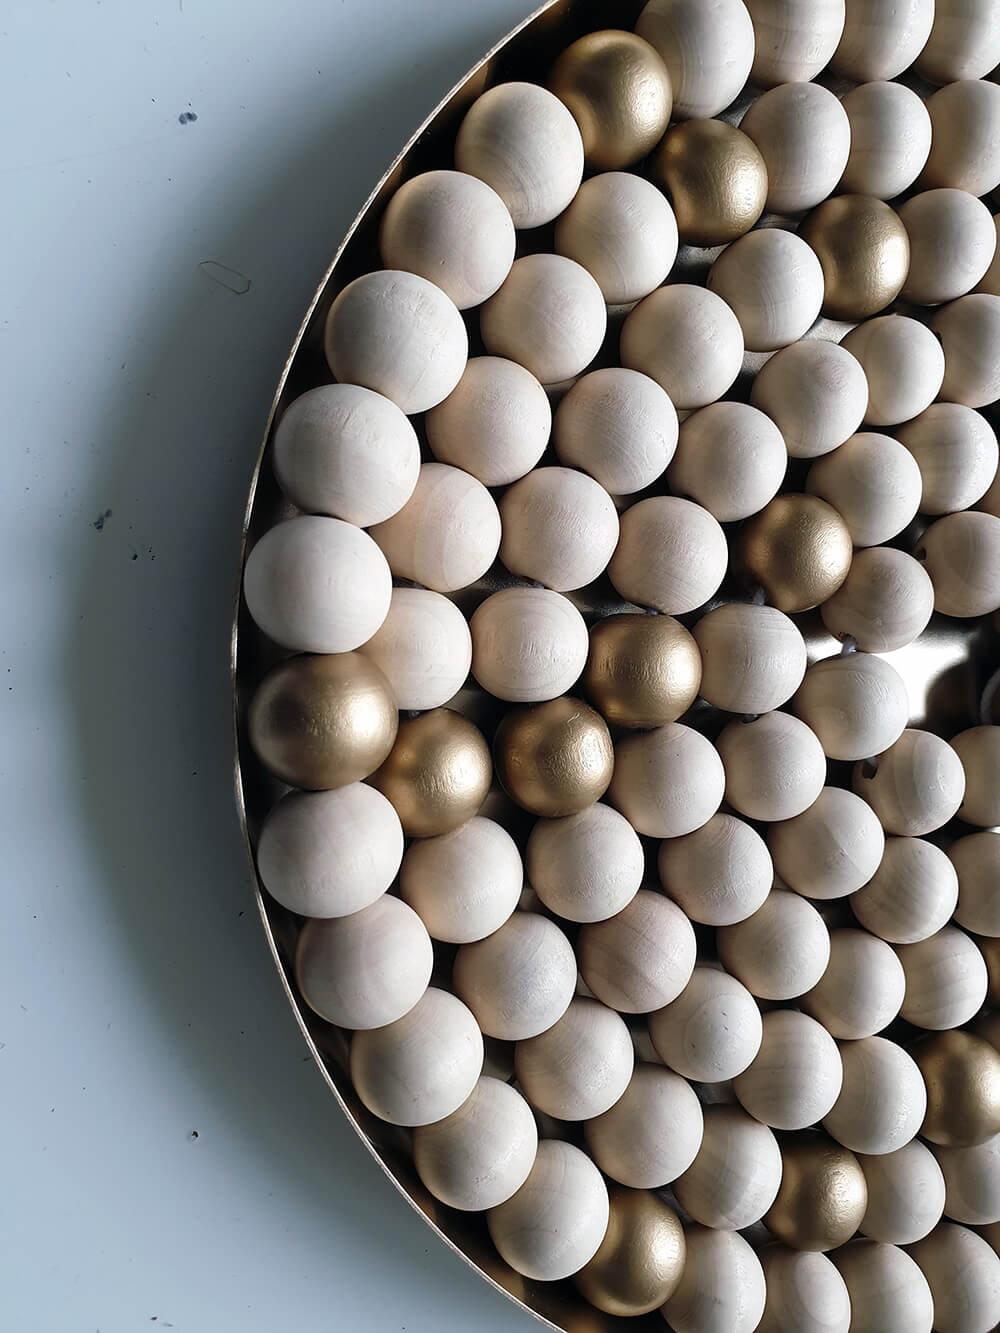 zoom plateau doré pour diy couronne de lavent avec perle en bois brut et doré - Fabriquer une couronne de l'Avent zéro déchet